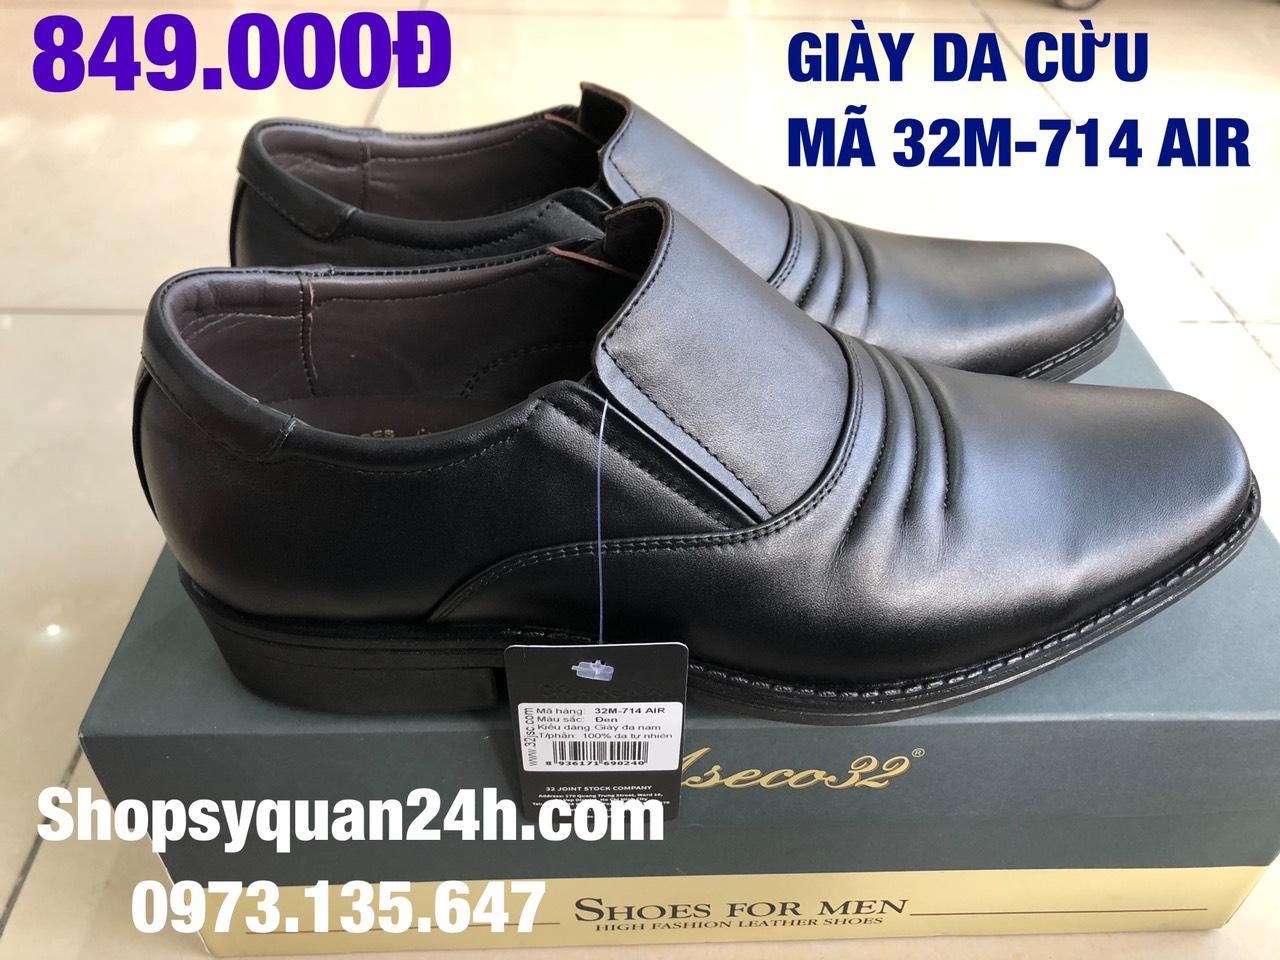 Giày Công Sở 3 Sọc Da Cừu Đế Hơi Mã FFM-714-AIR-1 (ĐEN)